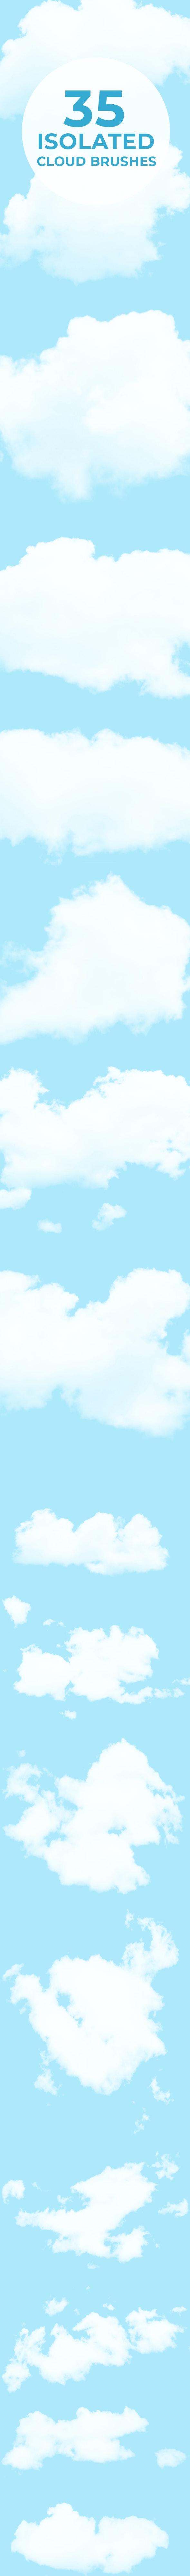 35 Isolated Cloud Brushes - Brushes Photoshop